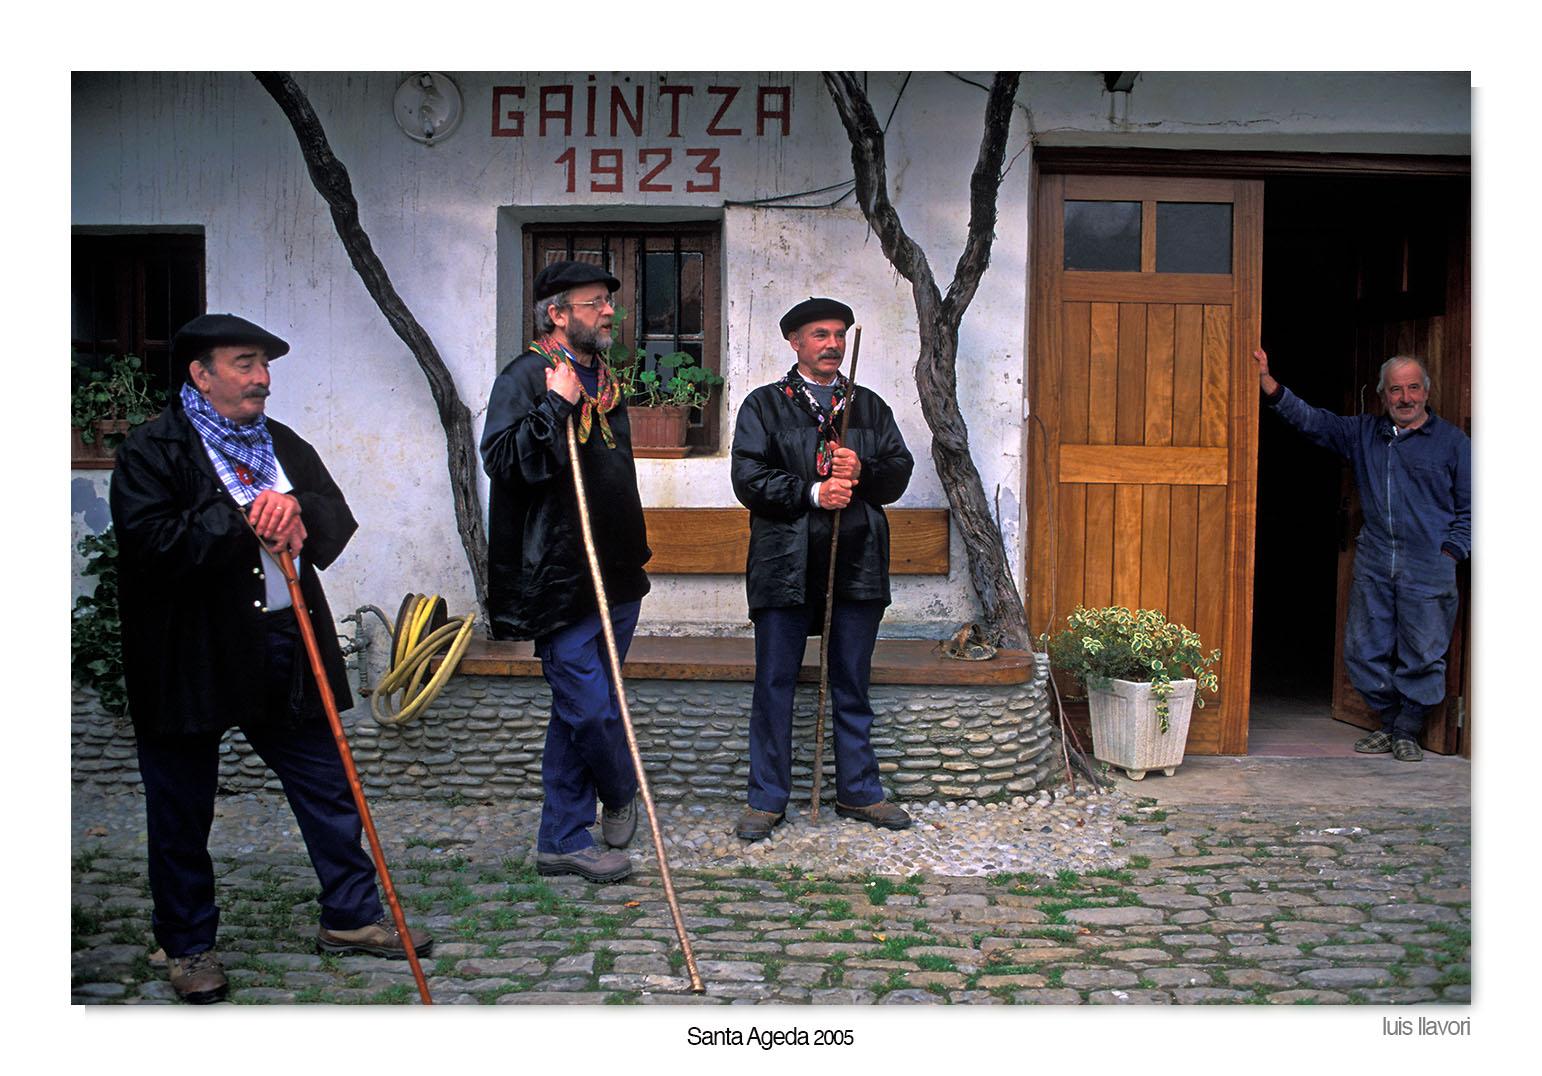 07 - Santa Agueda - Luis Llavori , Fotografía